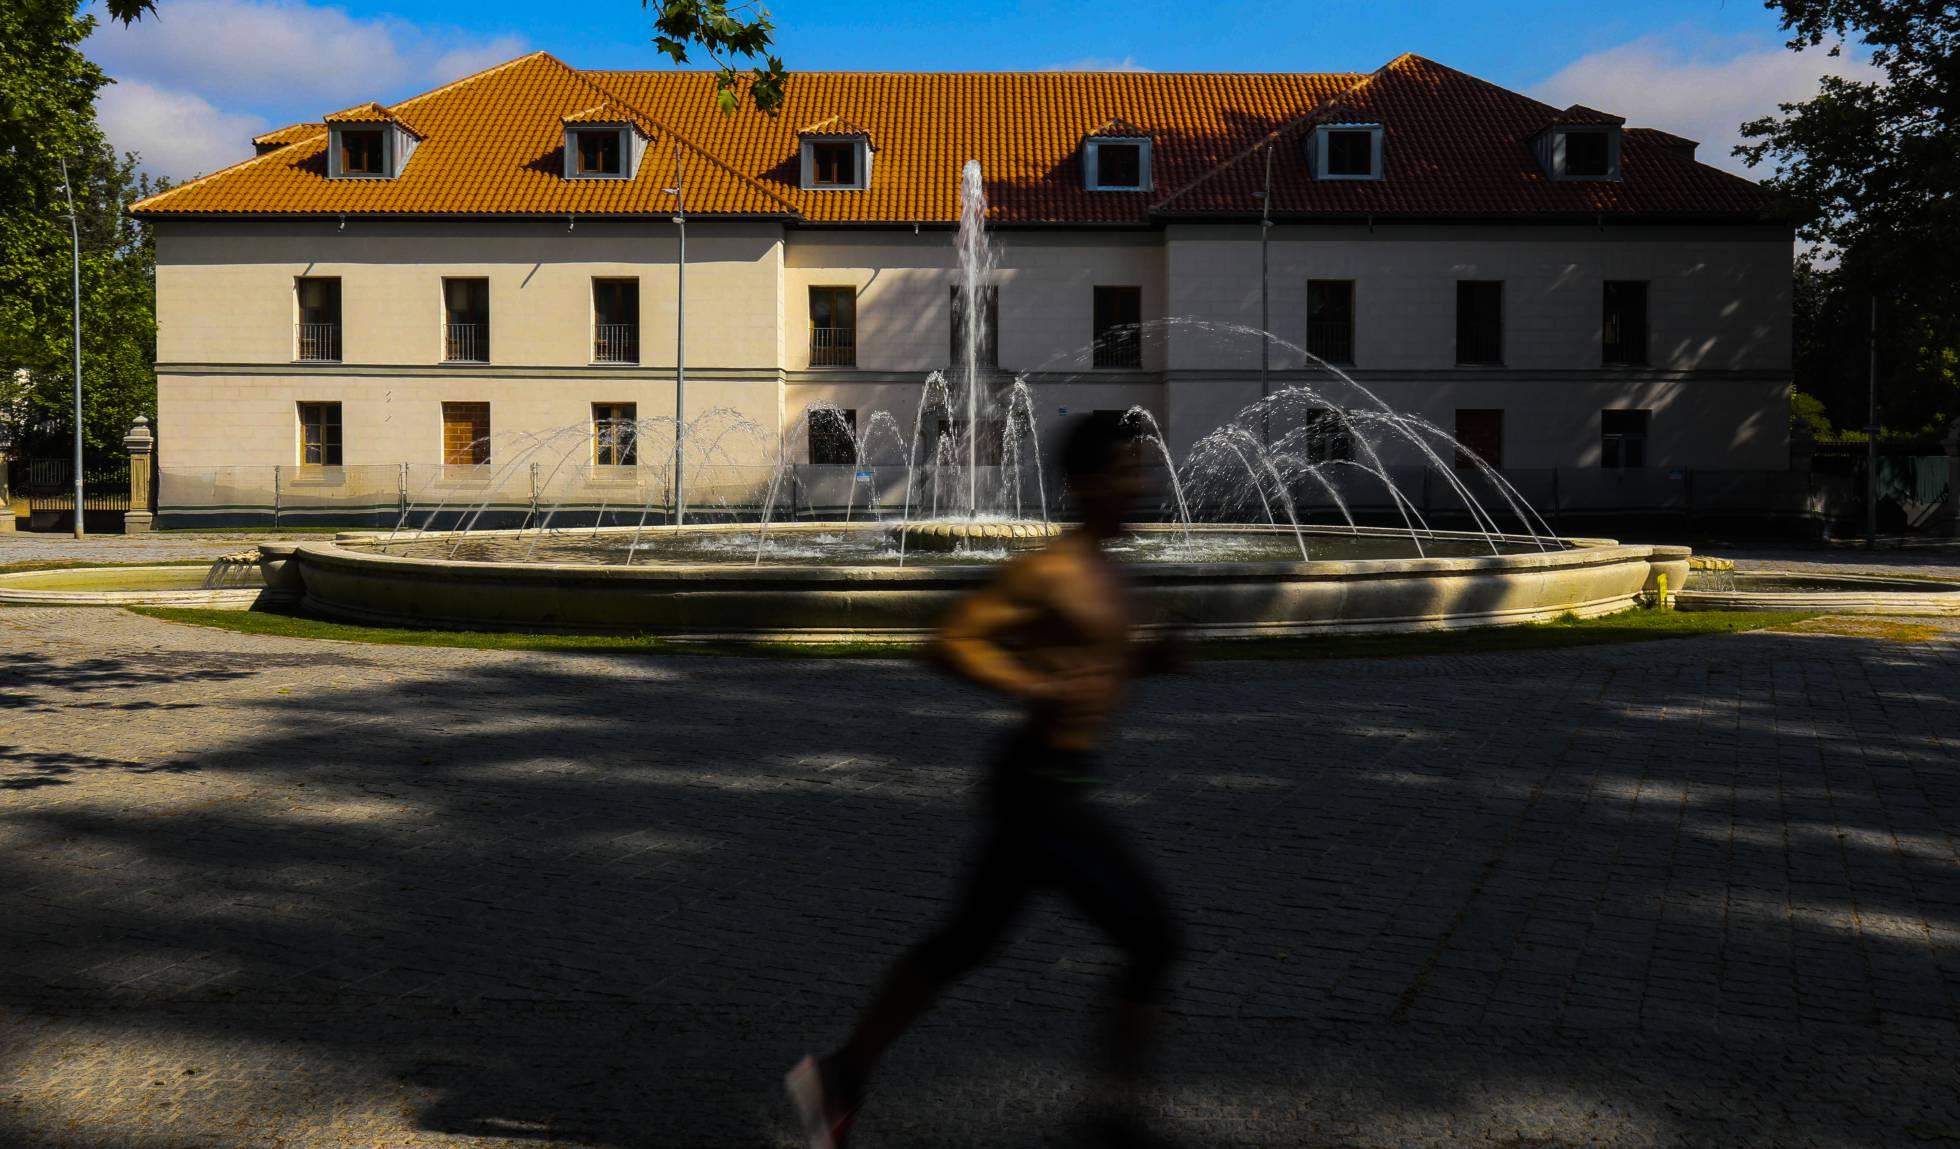 Patrimonio rechaza que el Palacio de los Vargas sea un centro gastronómico